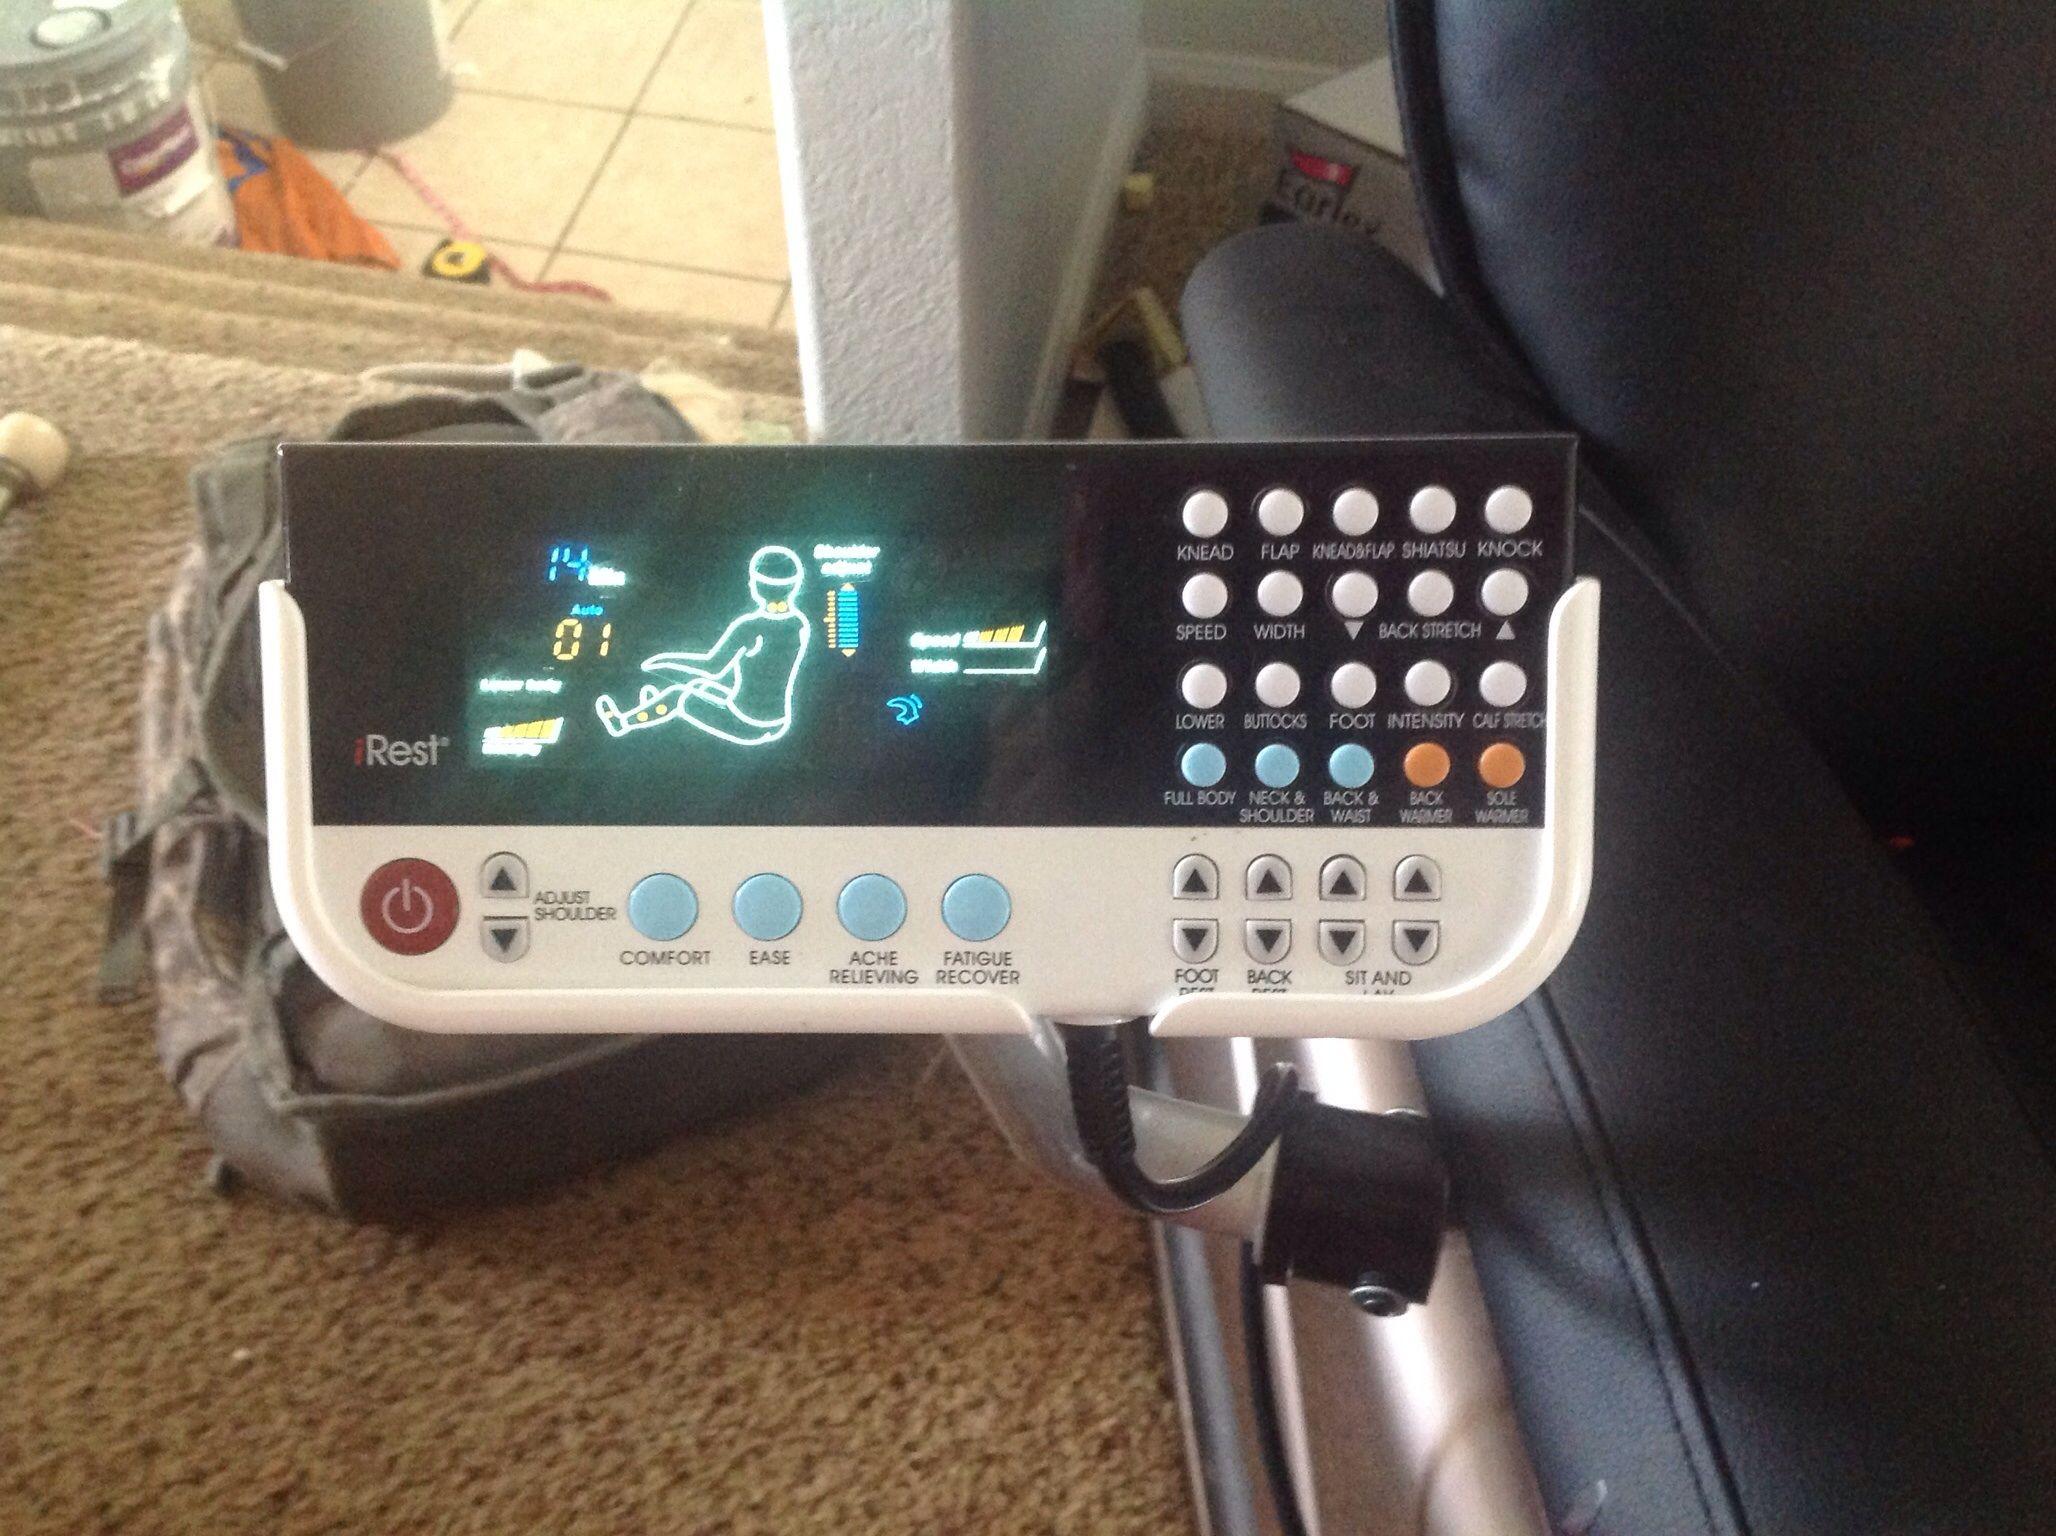 IREST Massage Chair In Wrightstuffu0027s Garage Sale In Cheyenne , WY For $500.  IREST Massage